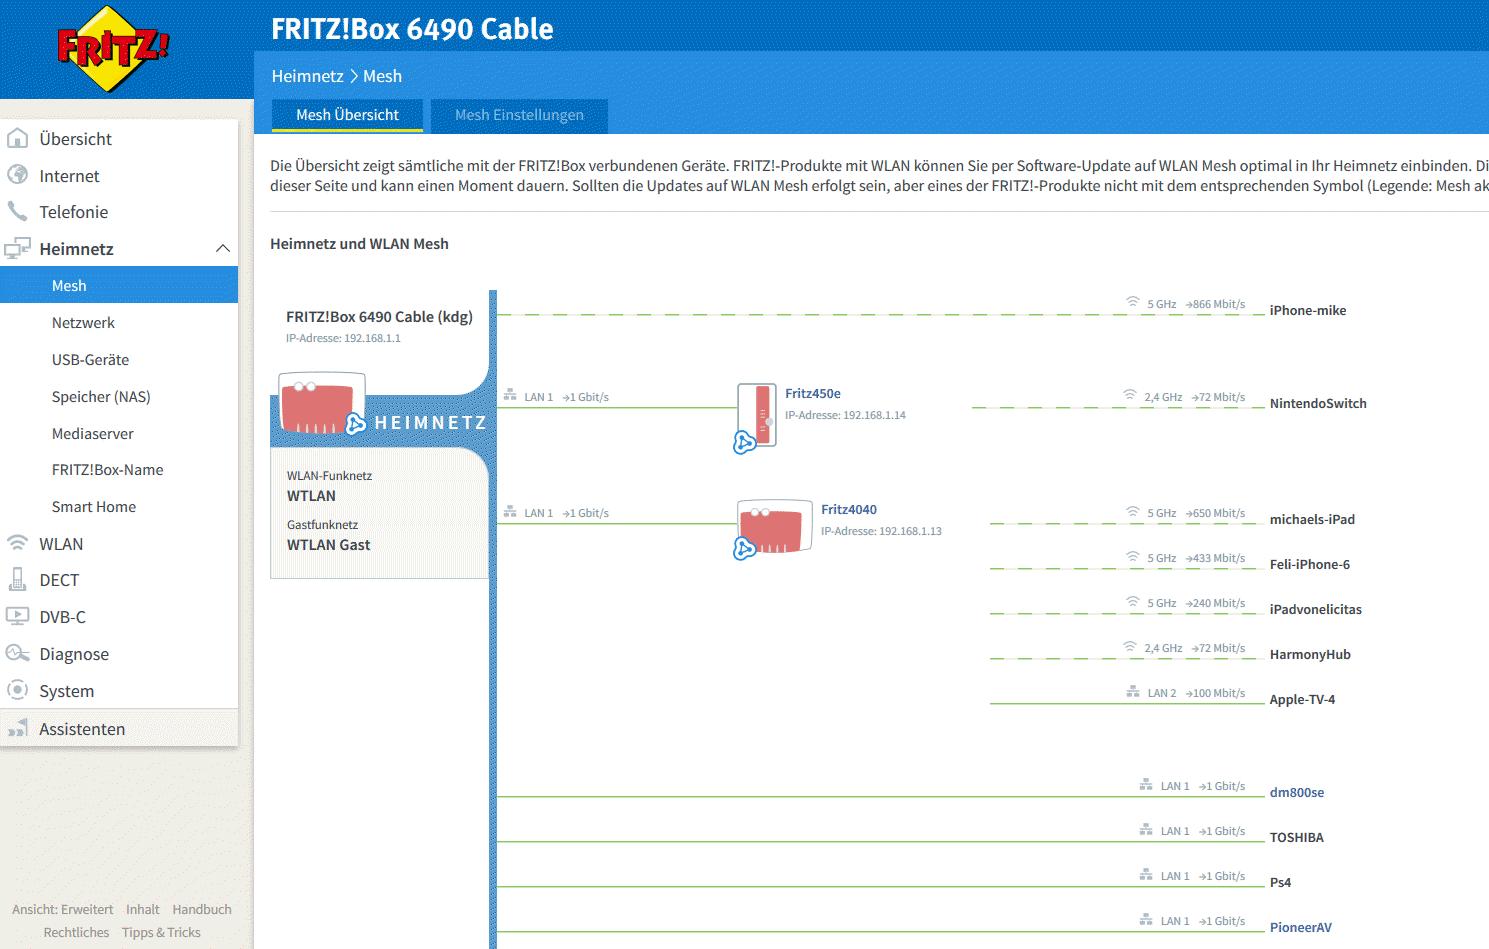 FRITZ!Box Mesh: So richten Sie ein Mesh-Netzwerk mit AVM-Geräten ein